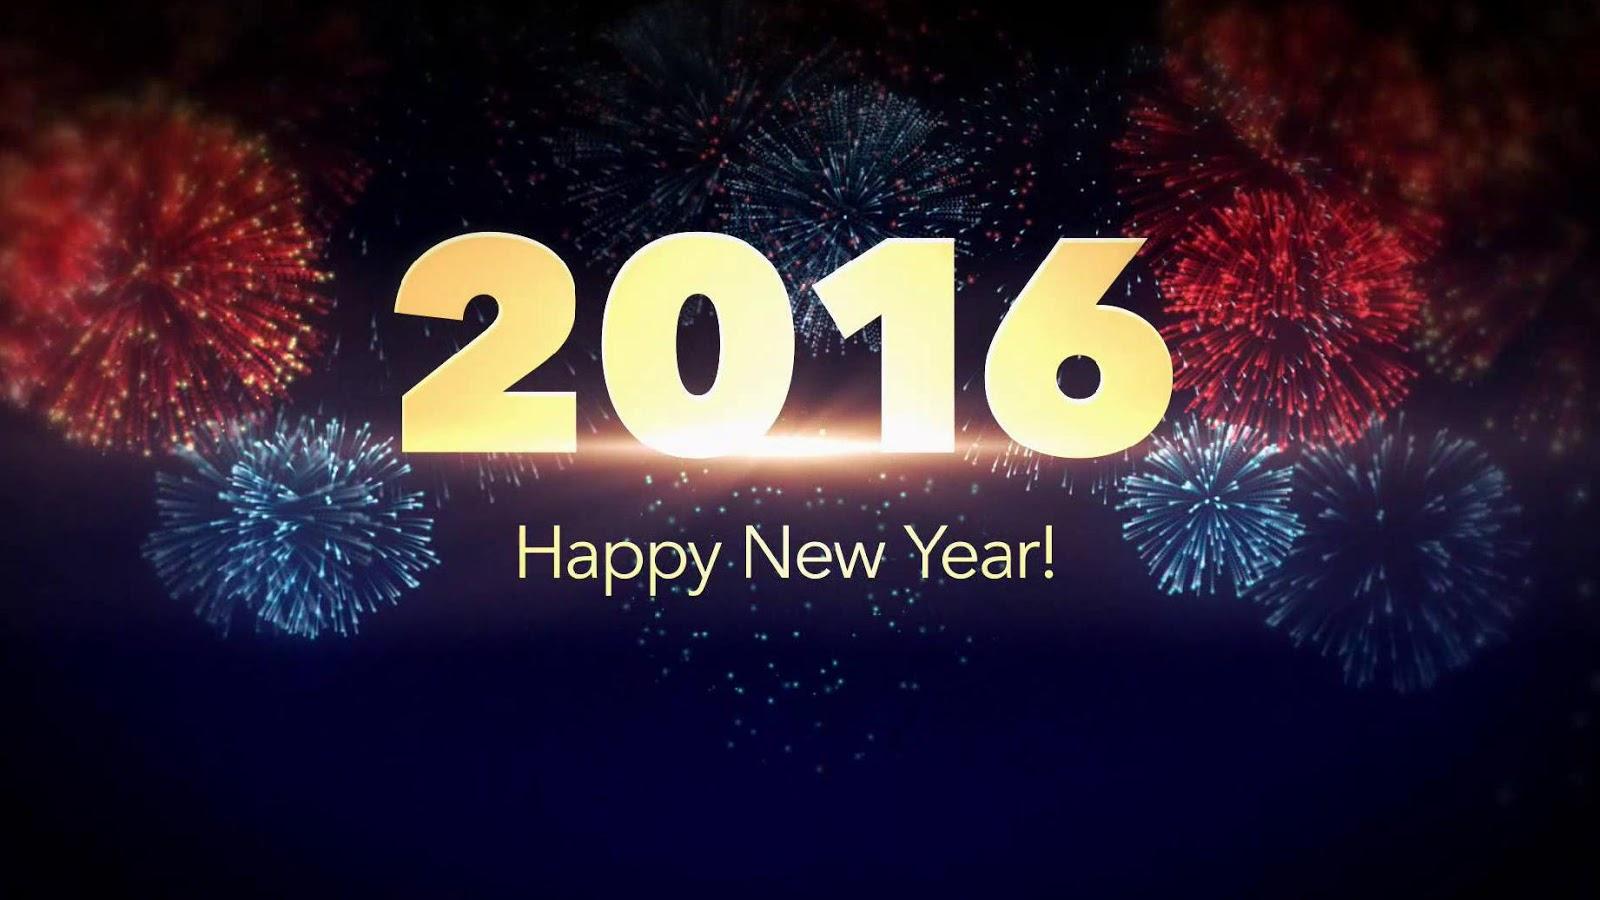 Gambar Kata Ucapan DP Selamat Tahun Baru 2016